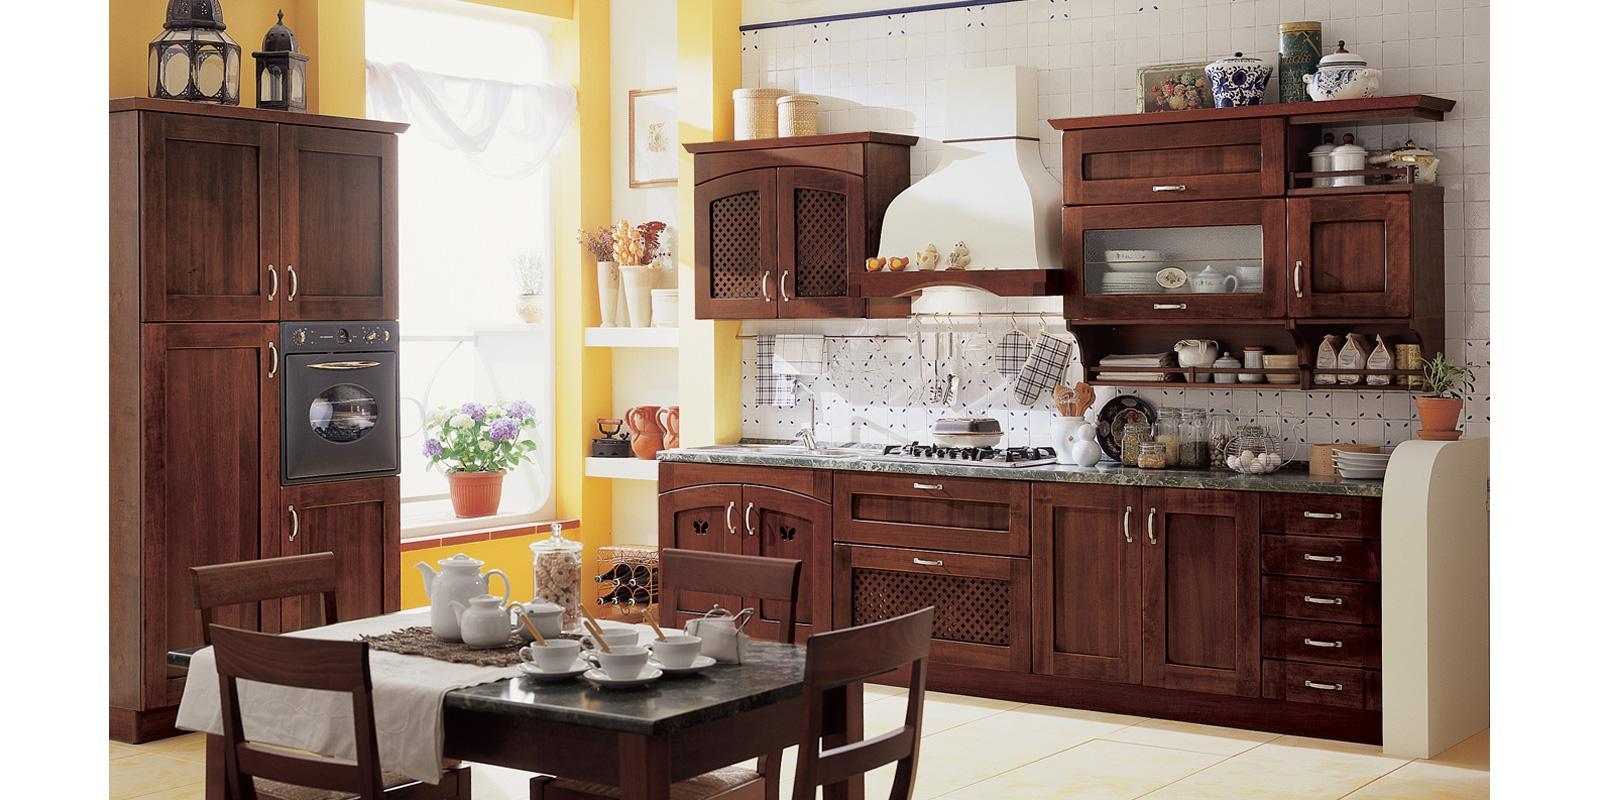 Cucine Moderne Gemal: Gemal cucine.